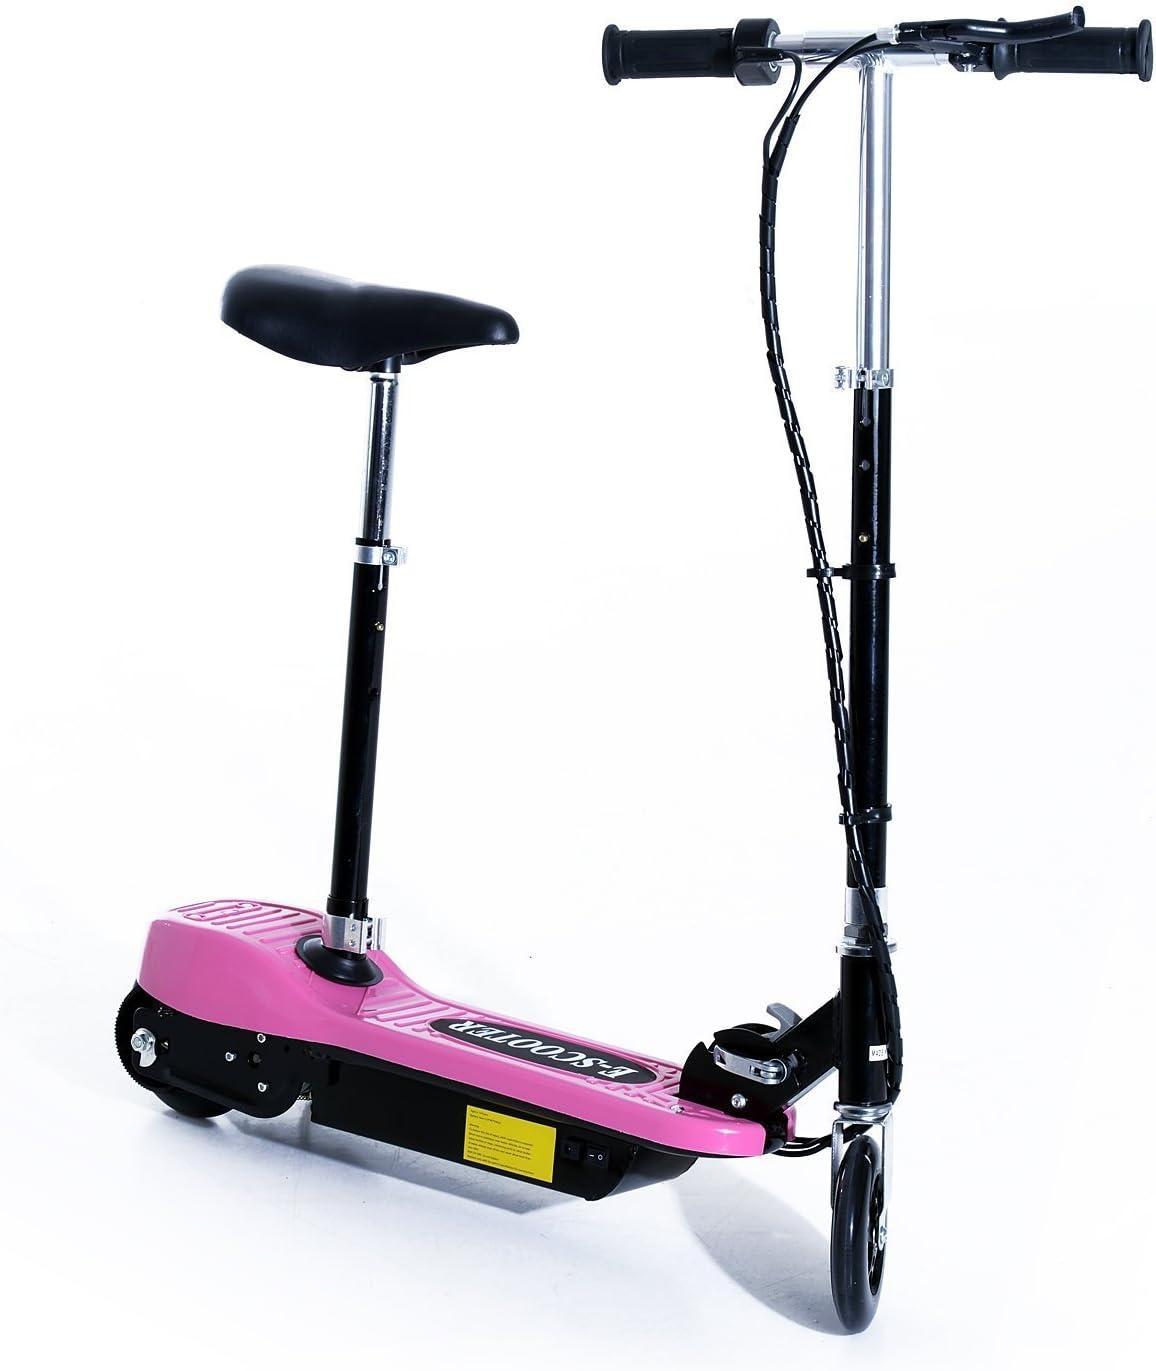 HOMCOM Patinete Eléctrico Plegable E-Scooter Batería 120W Manillar Asiento Ajustable Freno Pie de Apoyo 4 Colores para Adolescentes